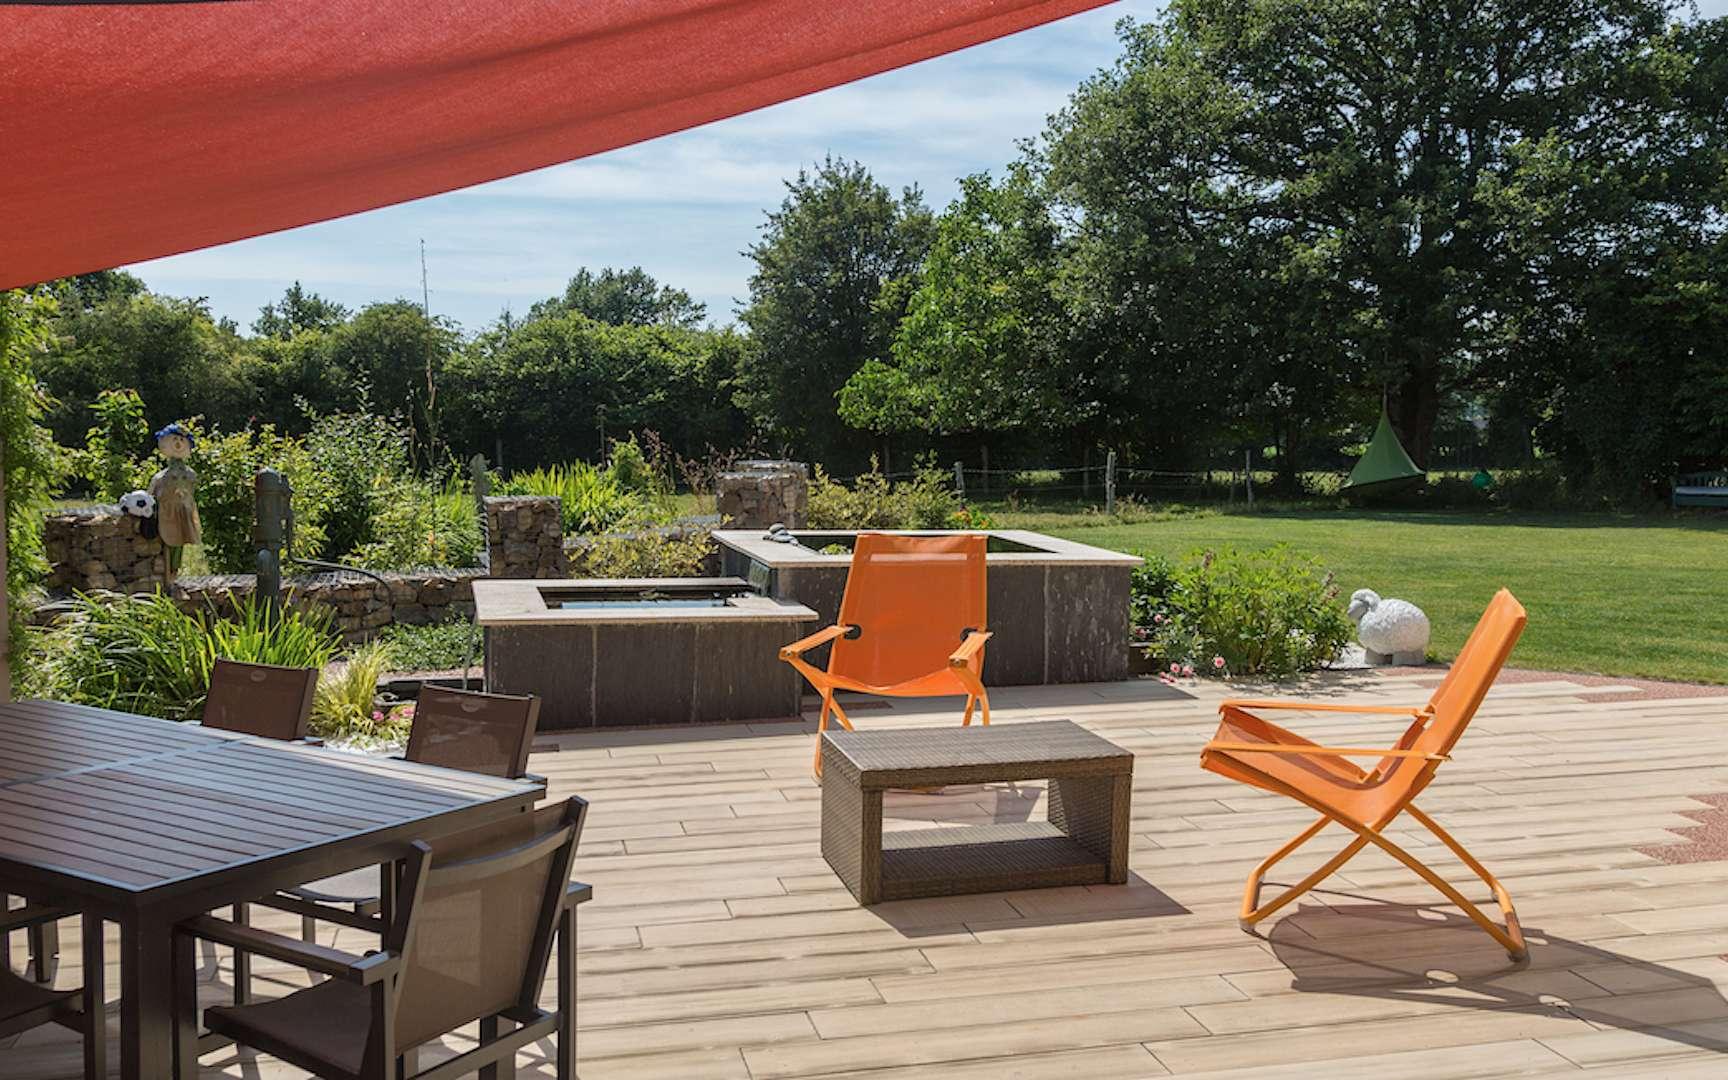 Posséder un jardin, un privilège ! Libre à chacun d'aménager cet espace extérieur en fonction de ses goûts avec du mobilier outdoor en bois, en résine tressée, en métal... © Daniel Moquet